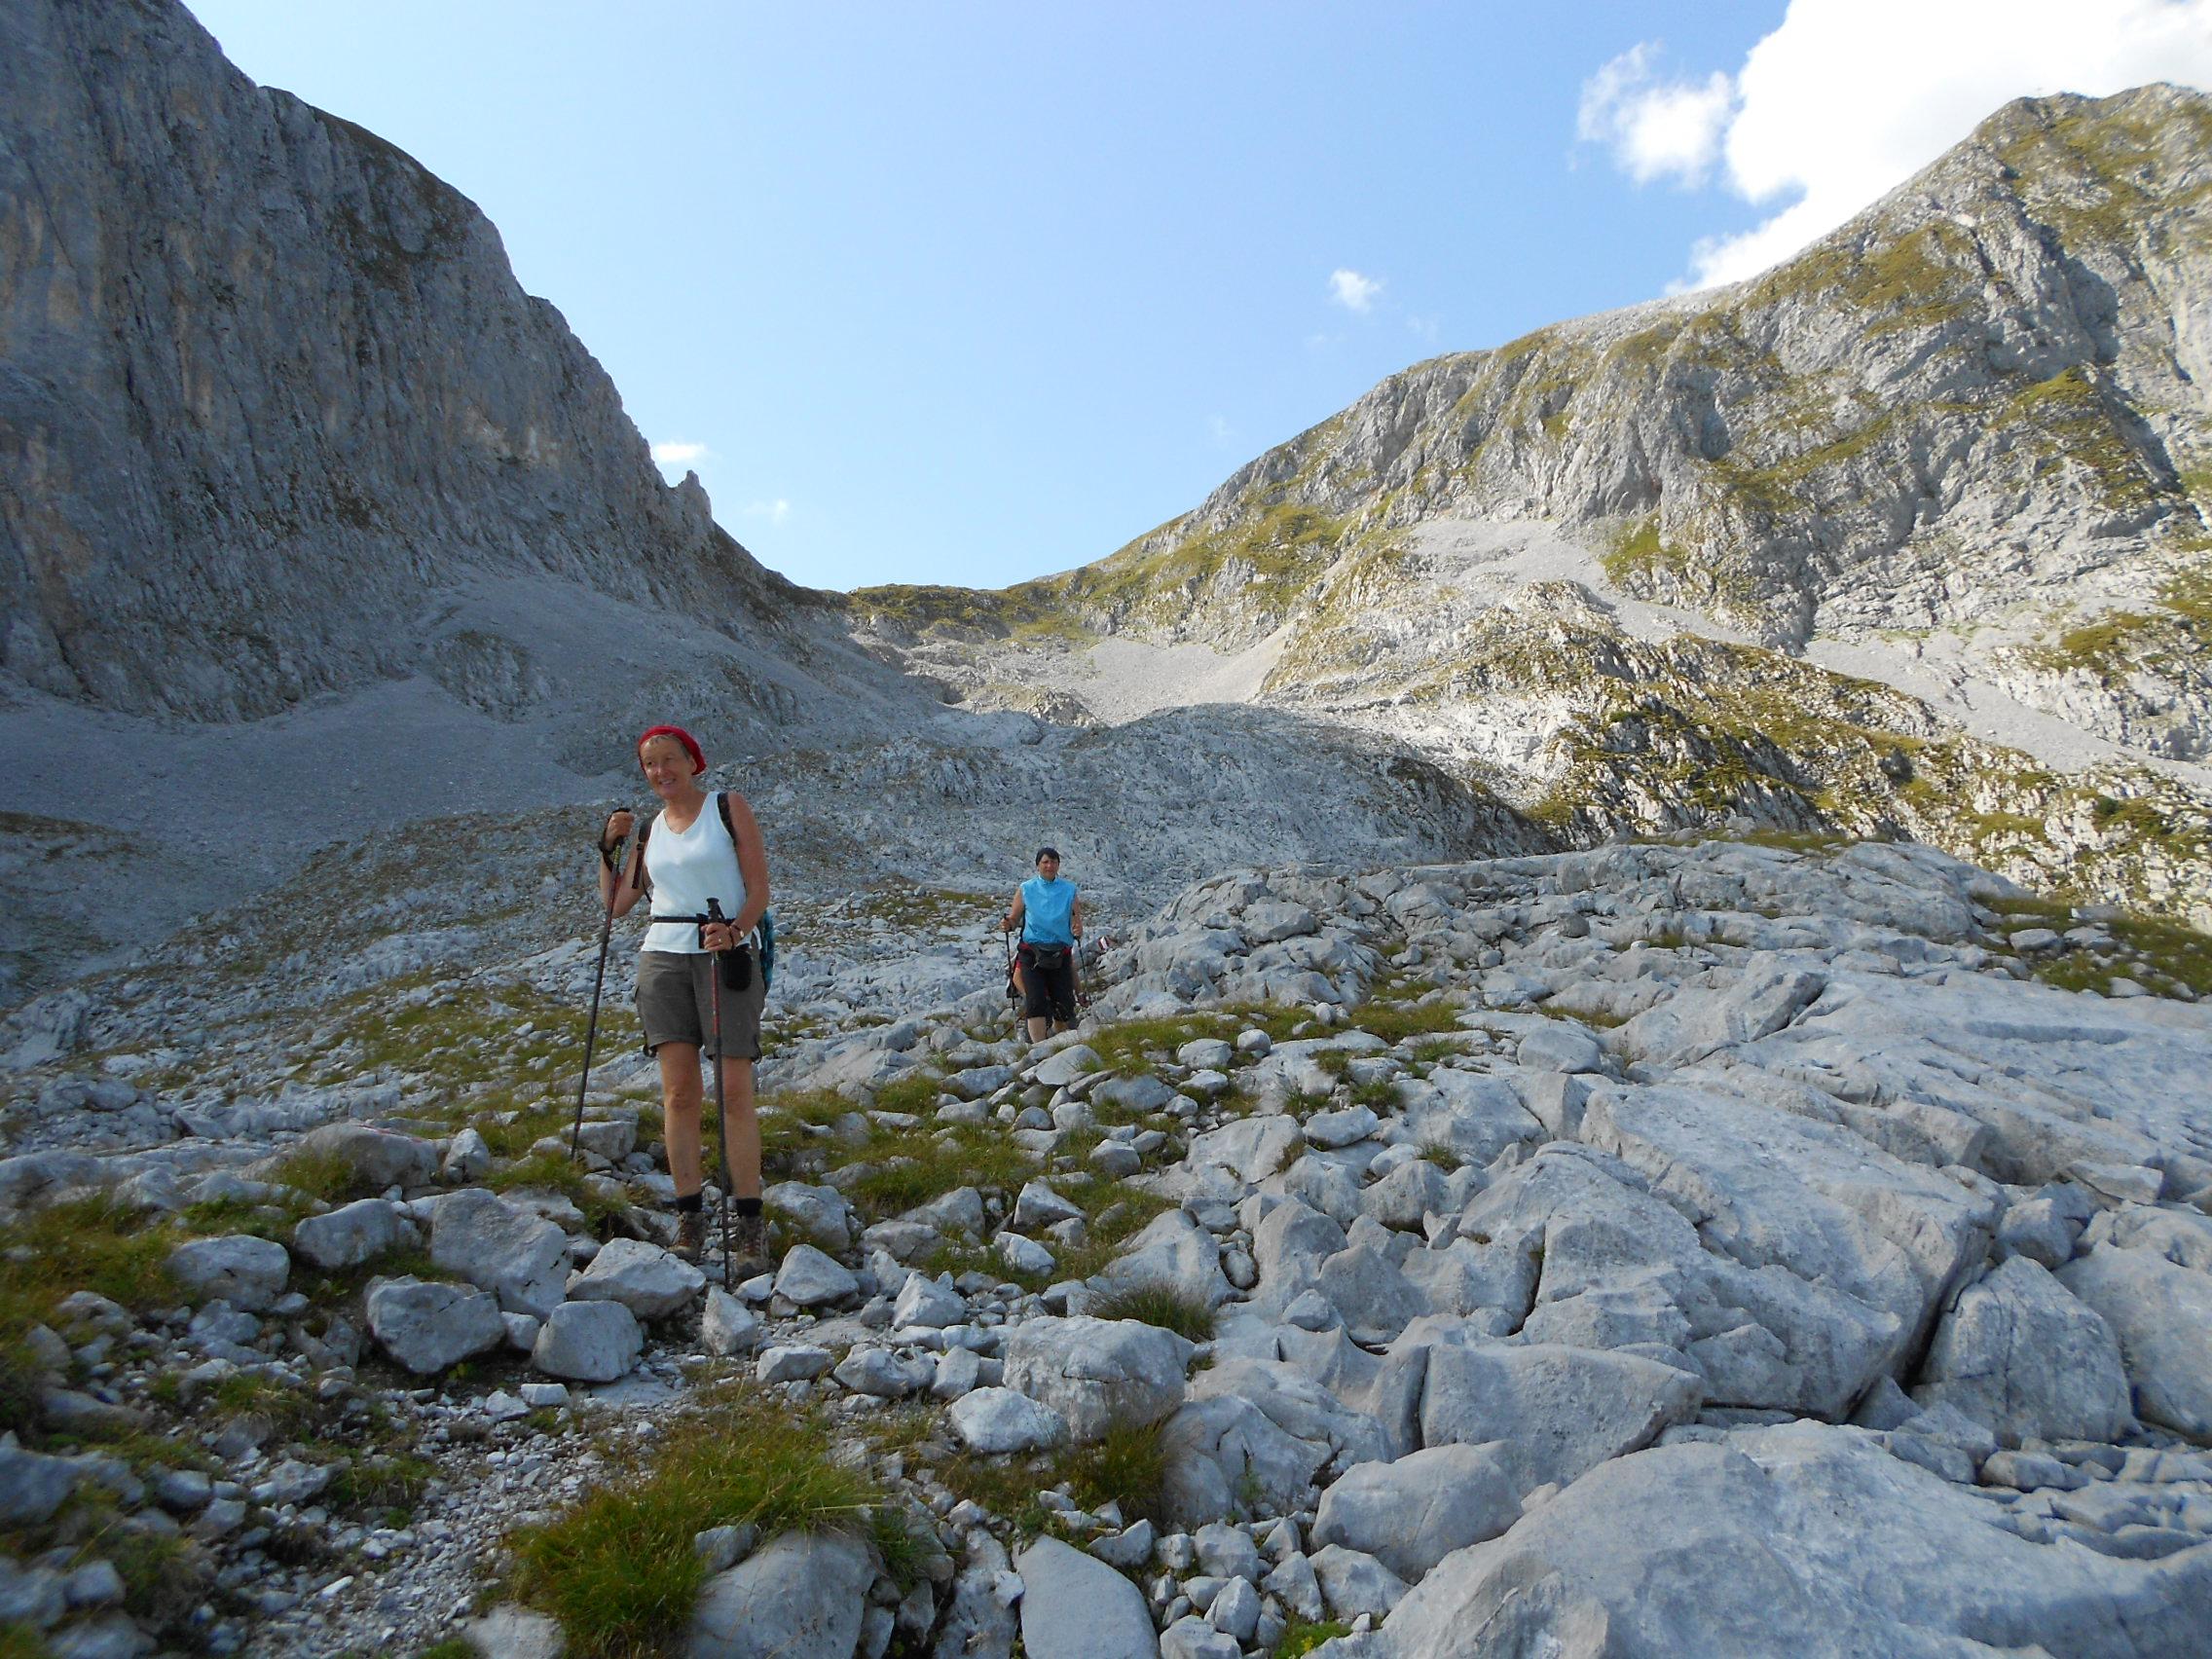 Hochgebirgswanderungim Zuge der Wanderwochen im Herbst vom Berghotel Lämmerhof auf den Edelweisskogel und den Hochkarfelderkopf